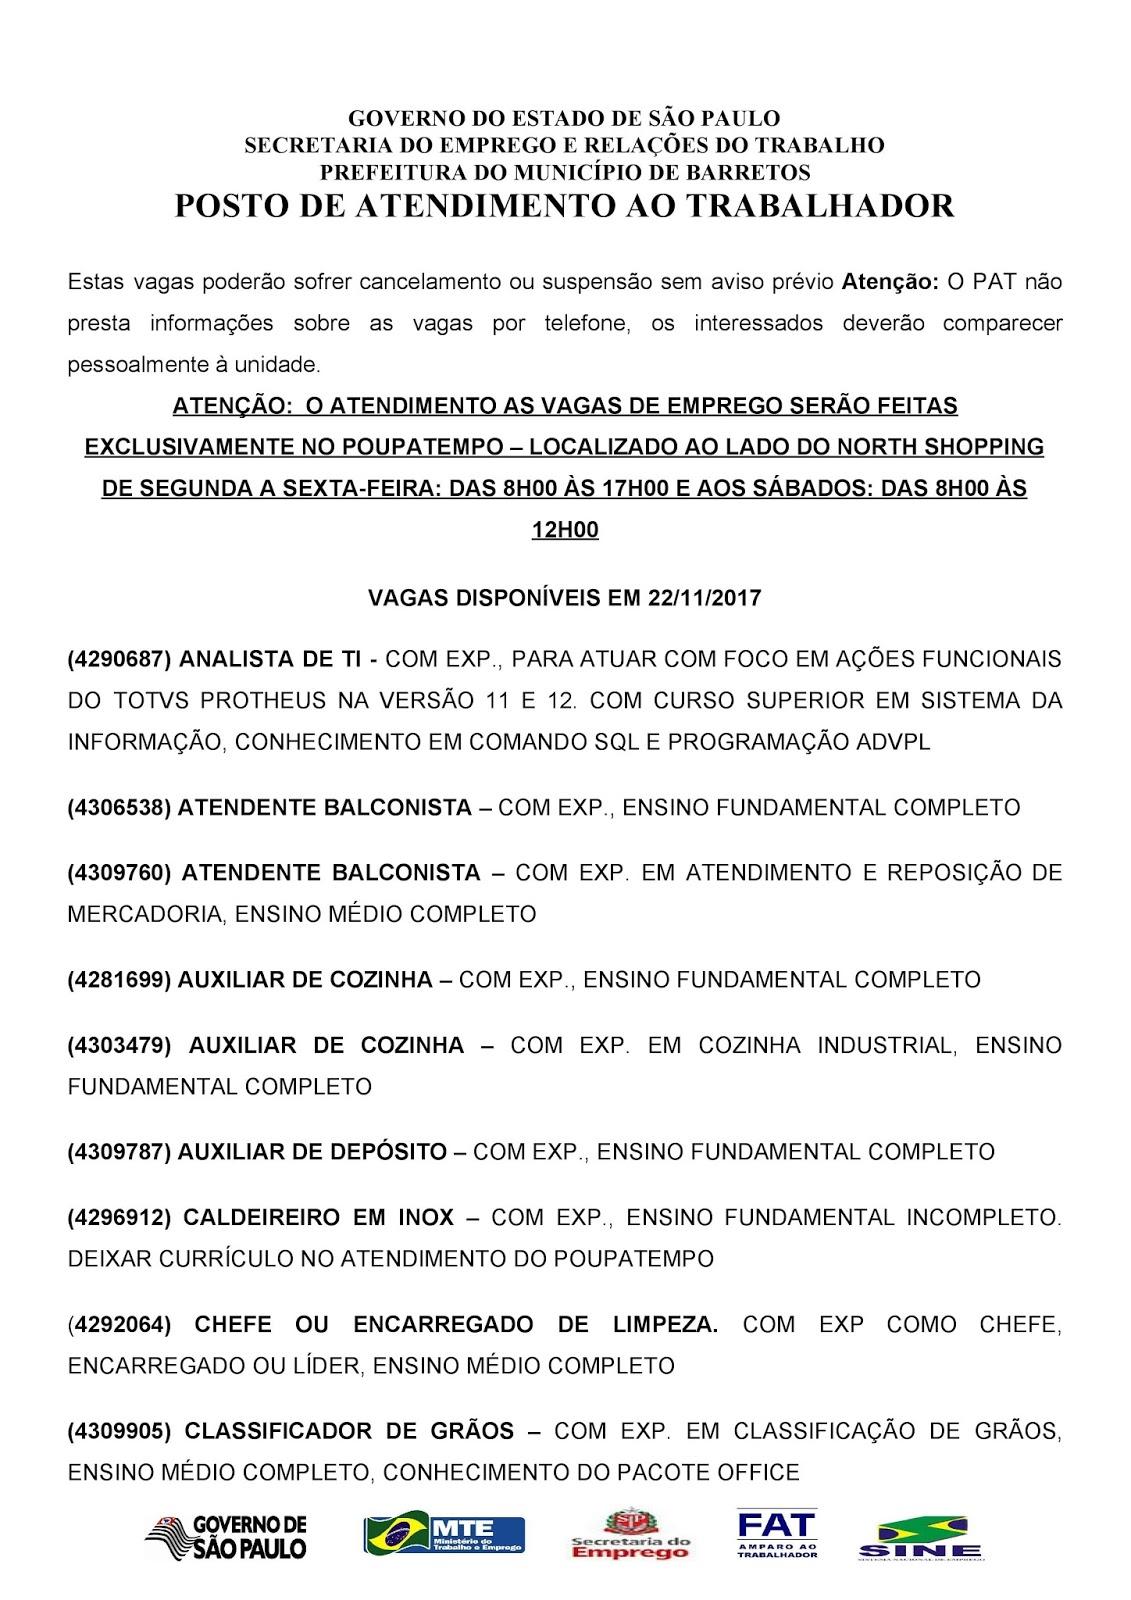 VAGAS DE EMPREGO DO PAT BARRETOS-SP PARA 22/11/2017 QUARTA-FEIRA - Pag. 1